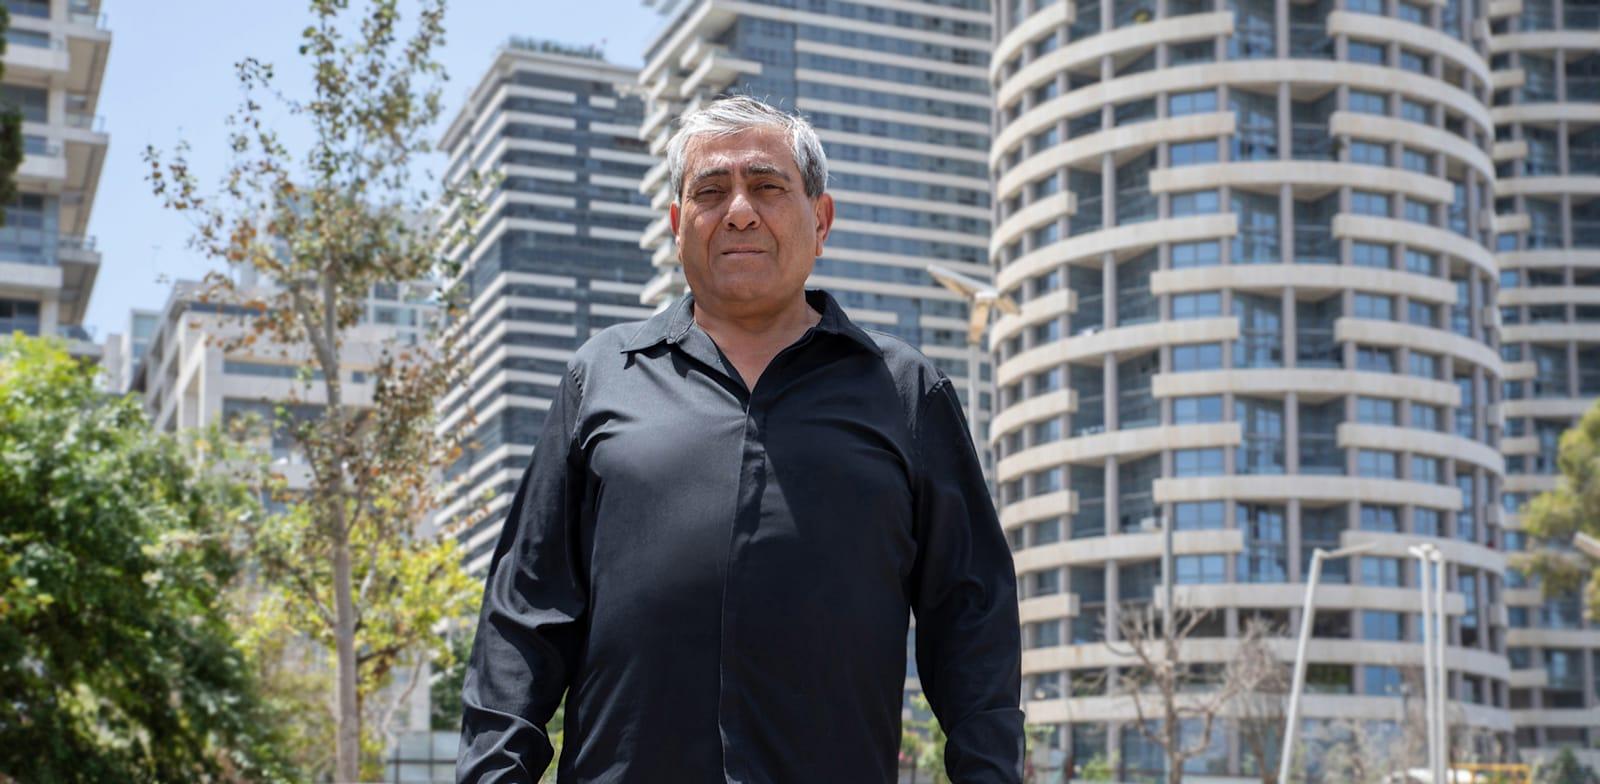 יגאל דמרי / צילום: כדיה לוי